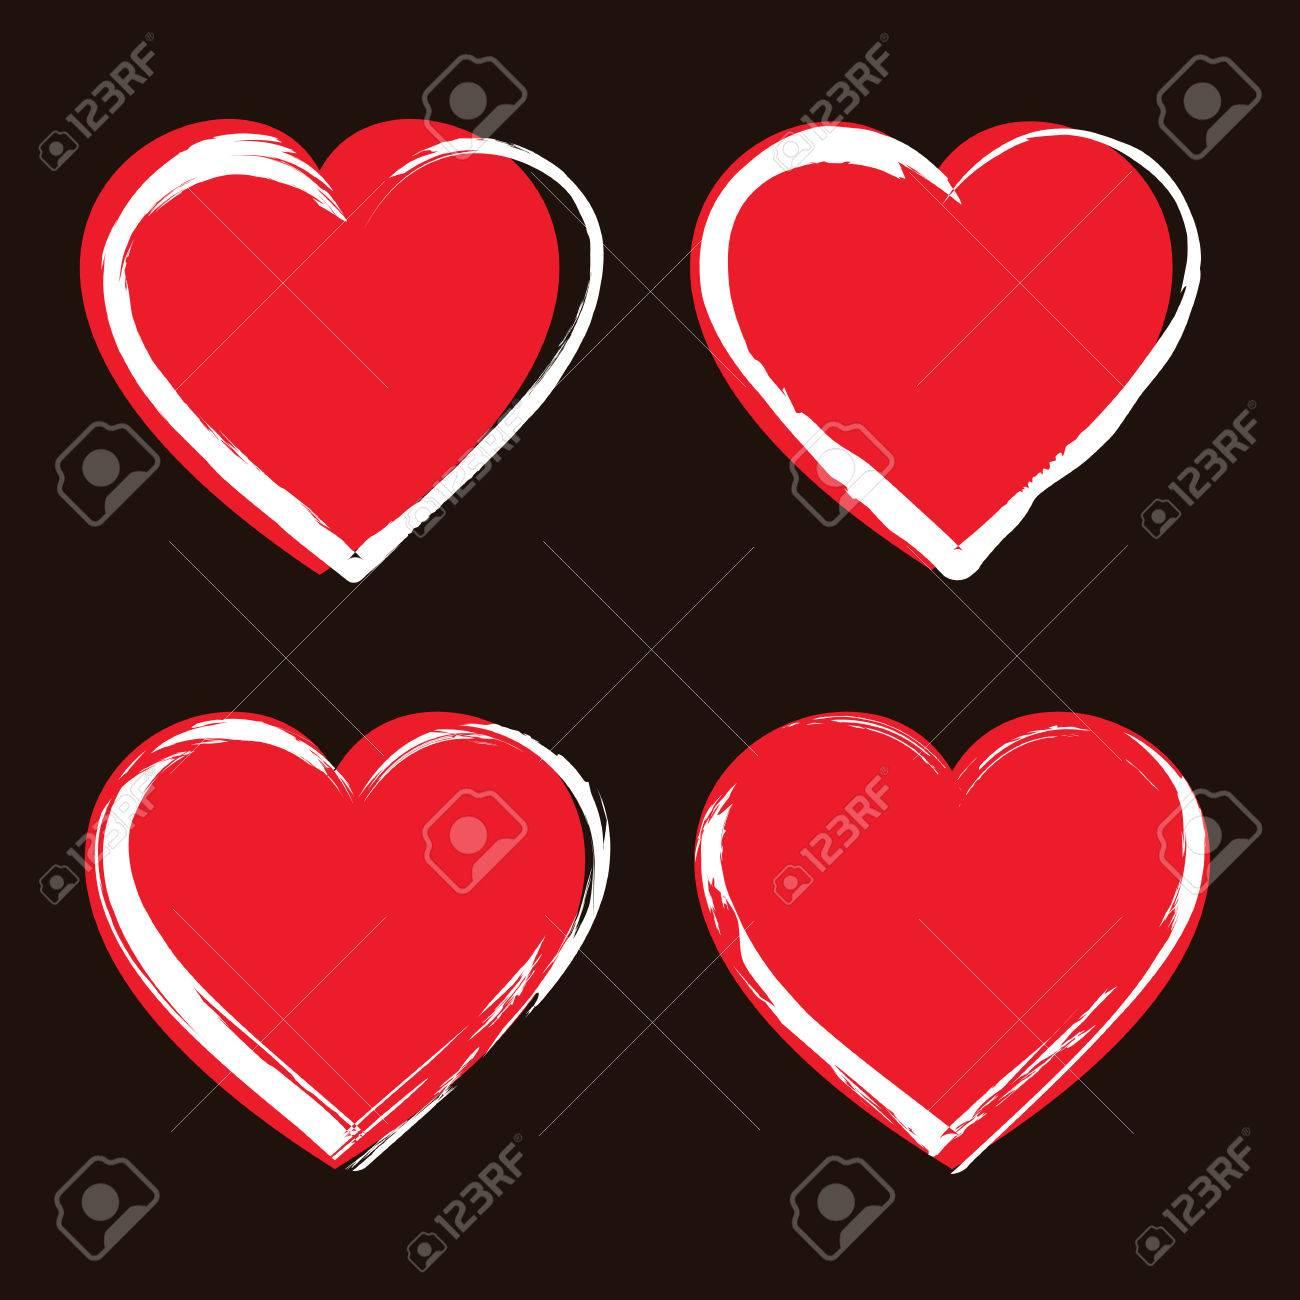 Conjunto De Iconos Del Corazón Corazones Símbolos De Color Rojo Con